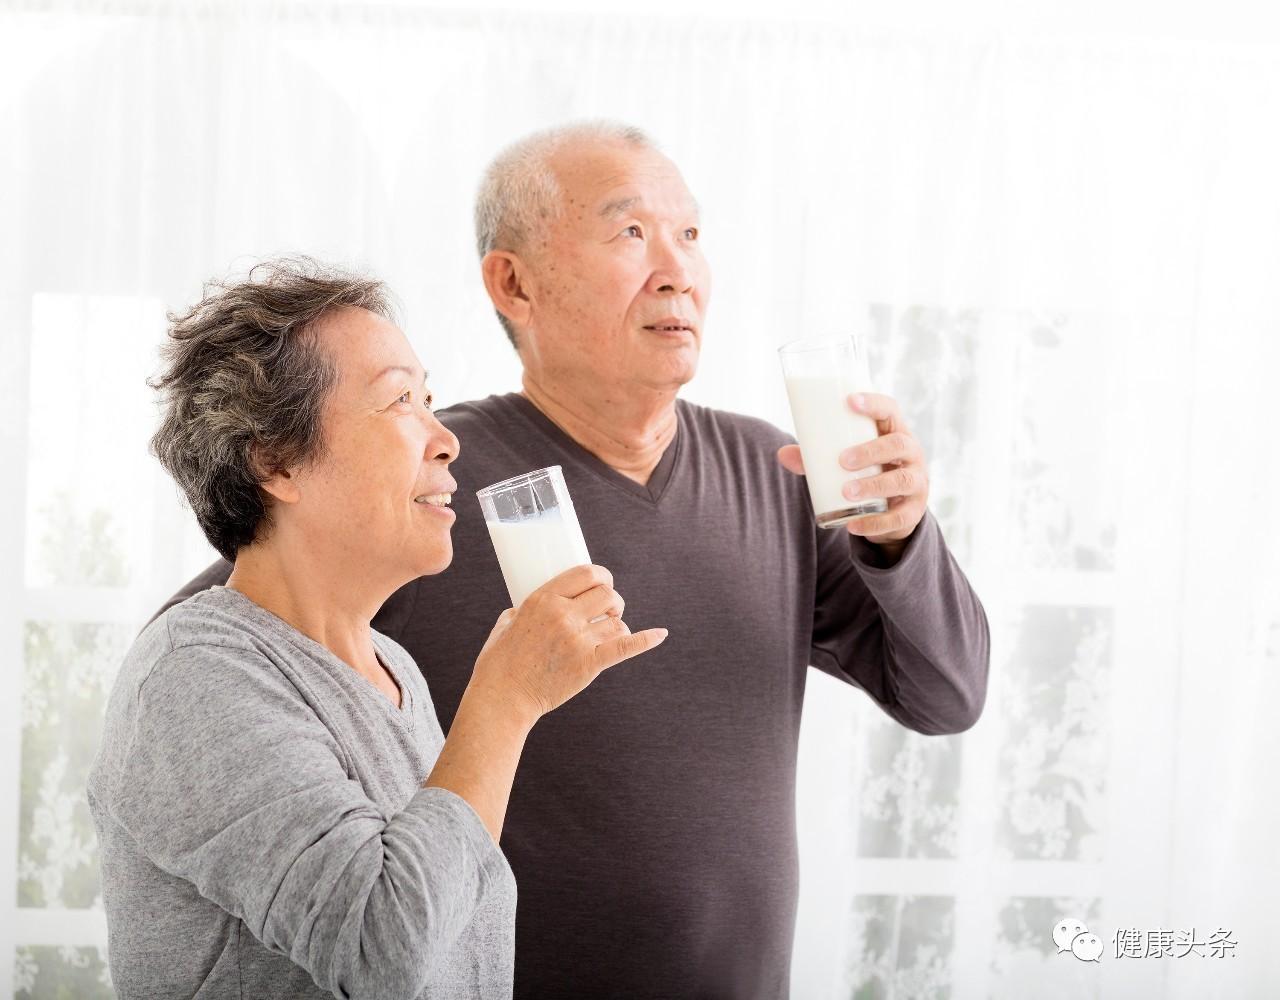 适合中老年人的零食,过年零食就照着这篇挑,健康又好吃! - 风帆页页 - 风帆页页博客